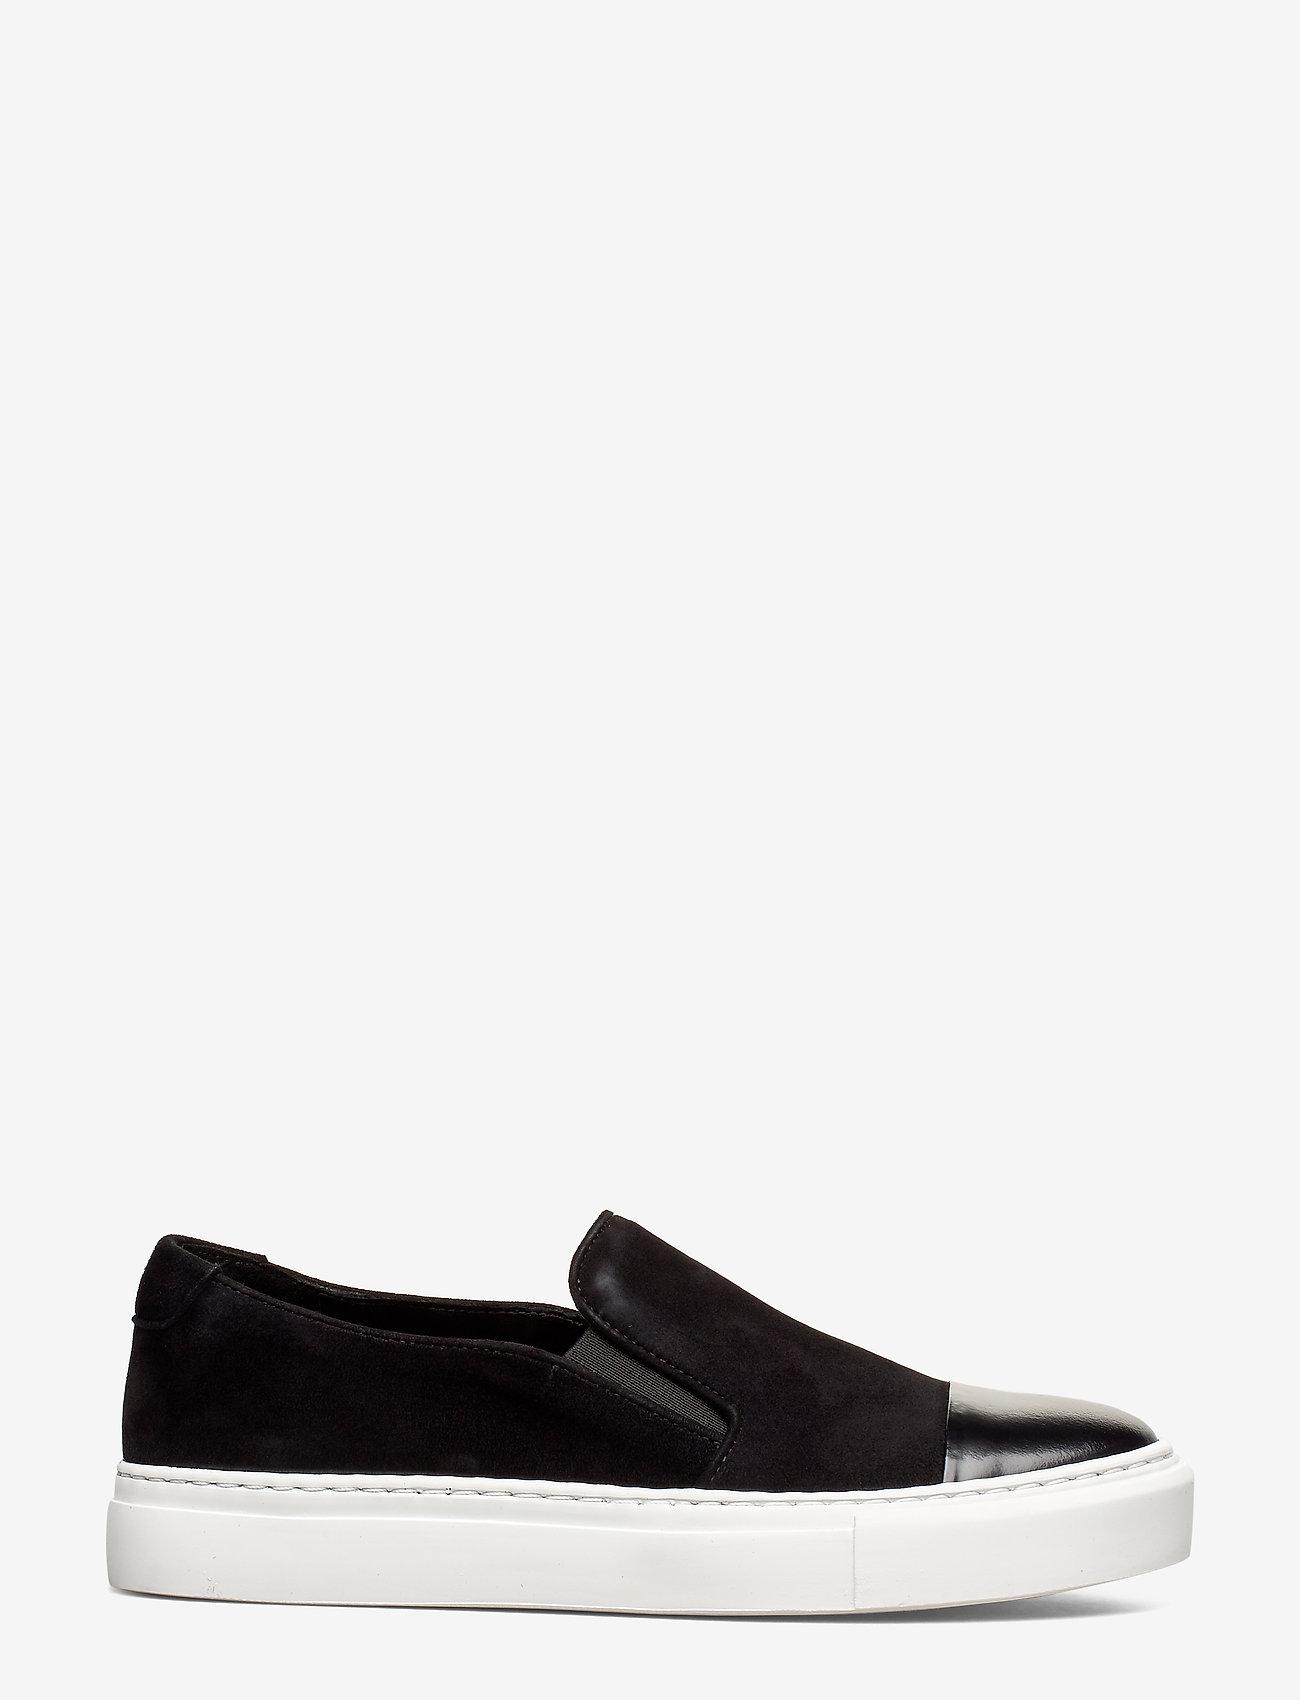 Billi Bi Shoes - Sneakers